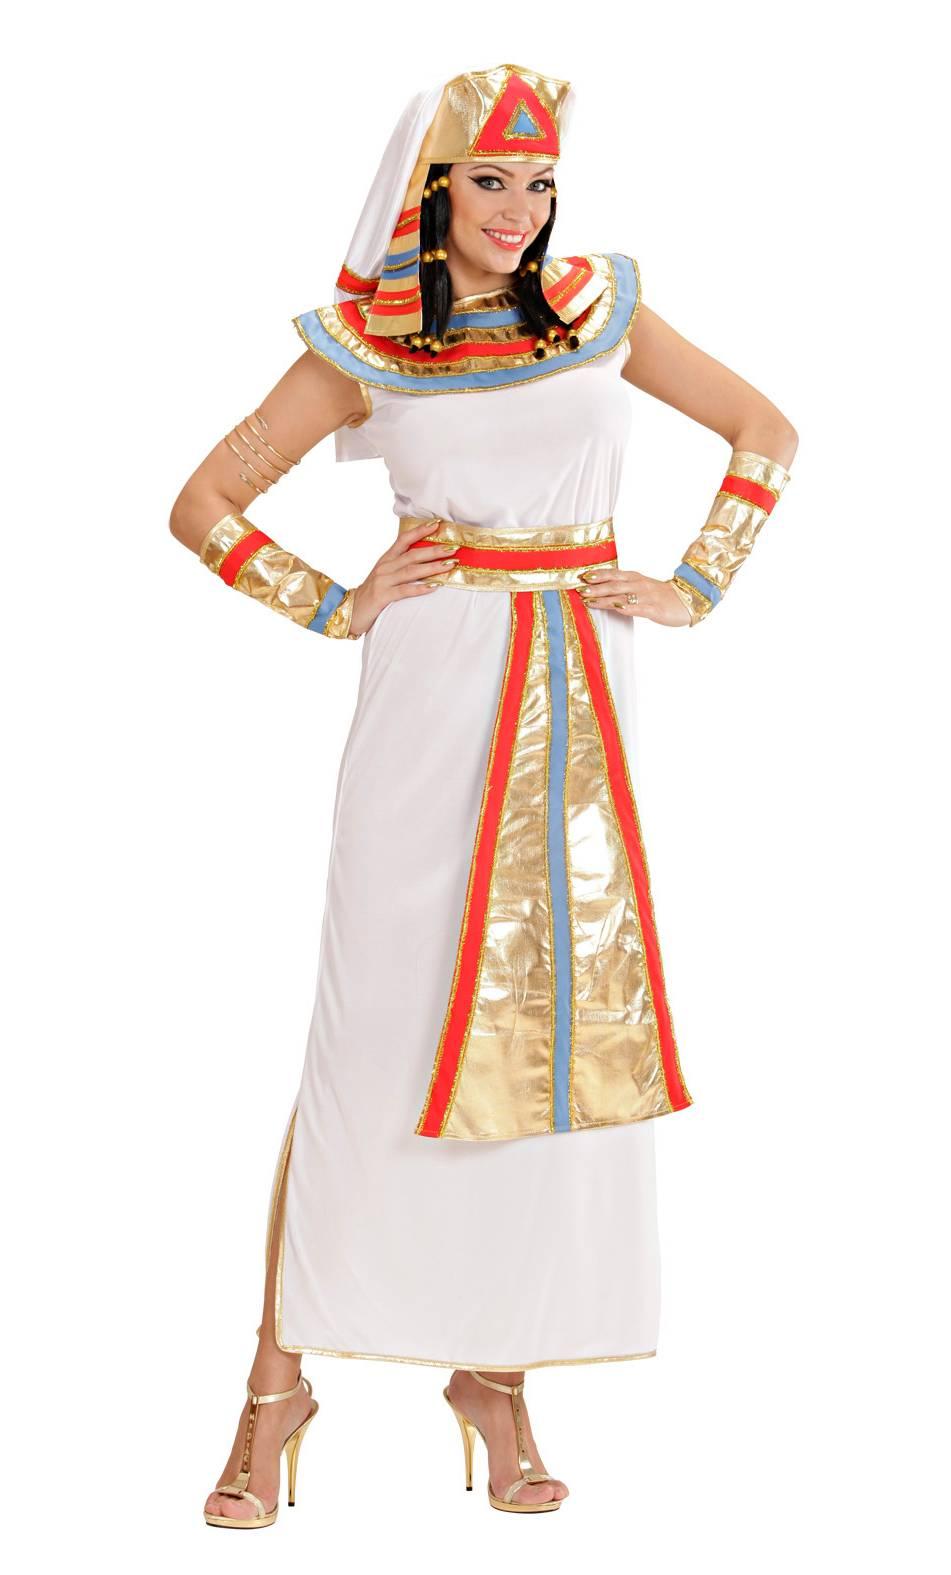 Costume d'égyptienne reine du nil